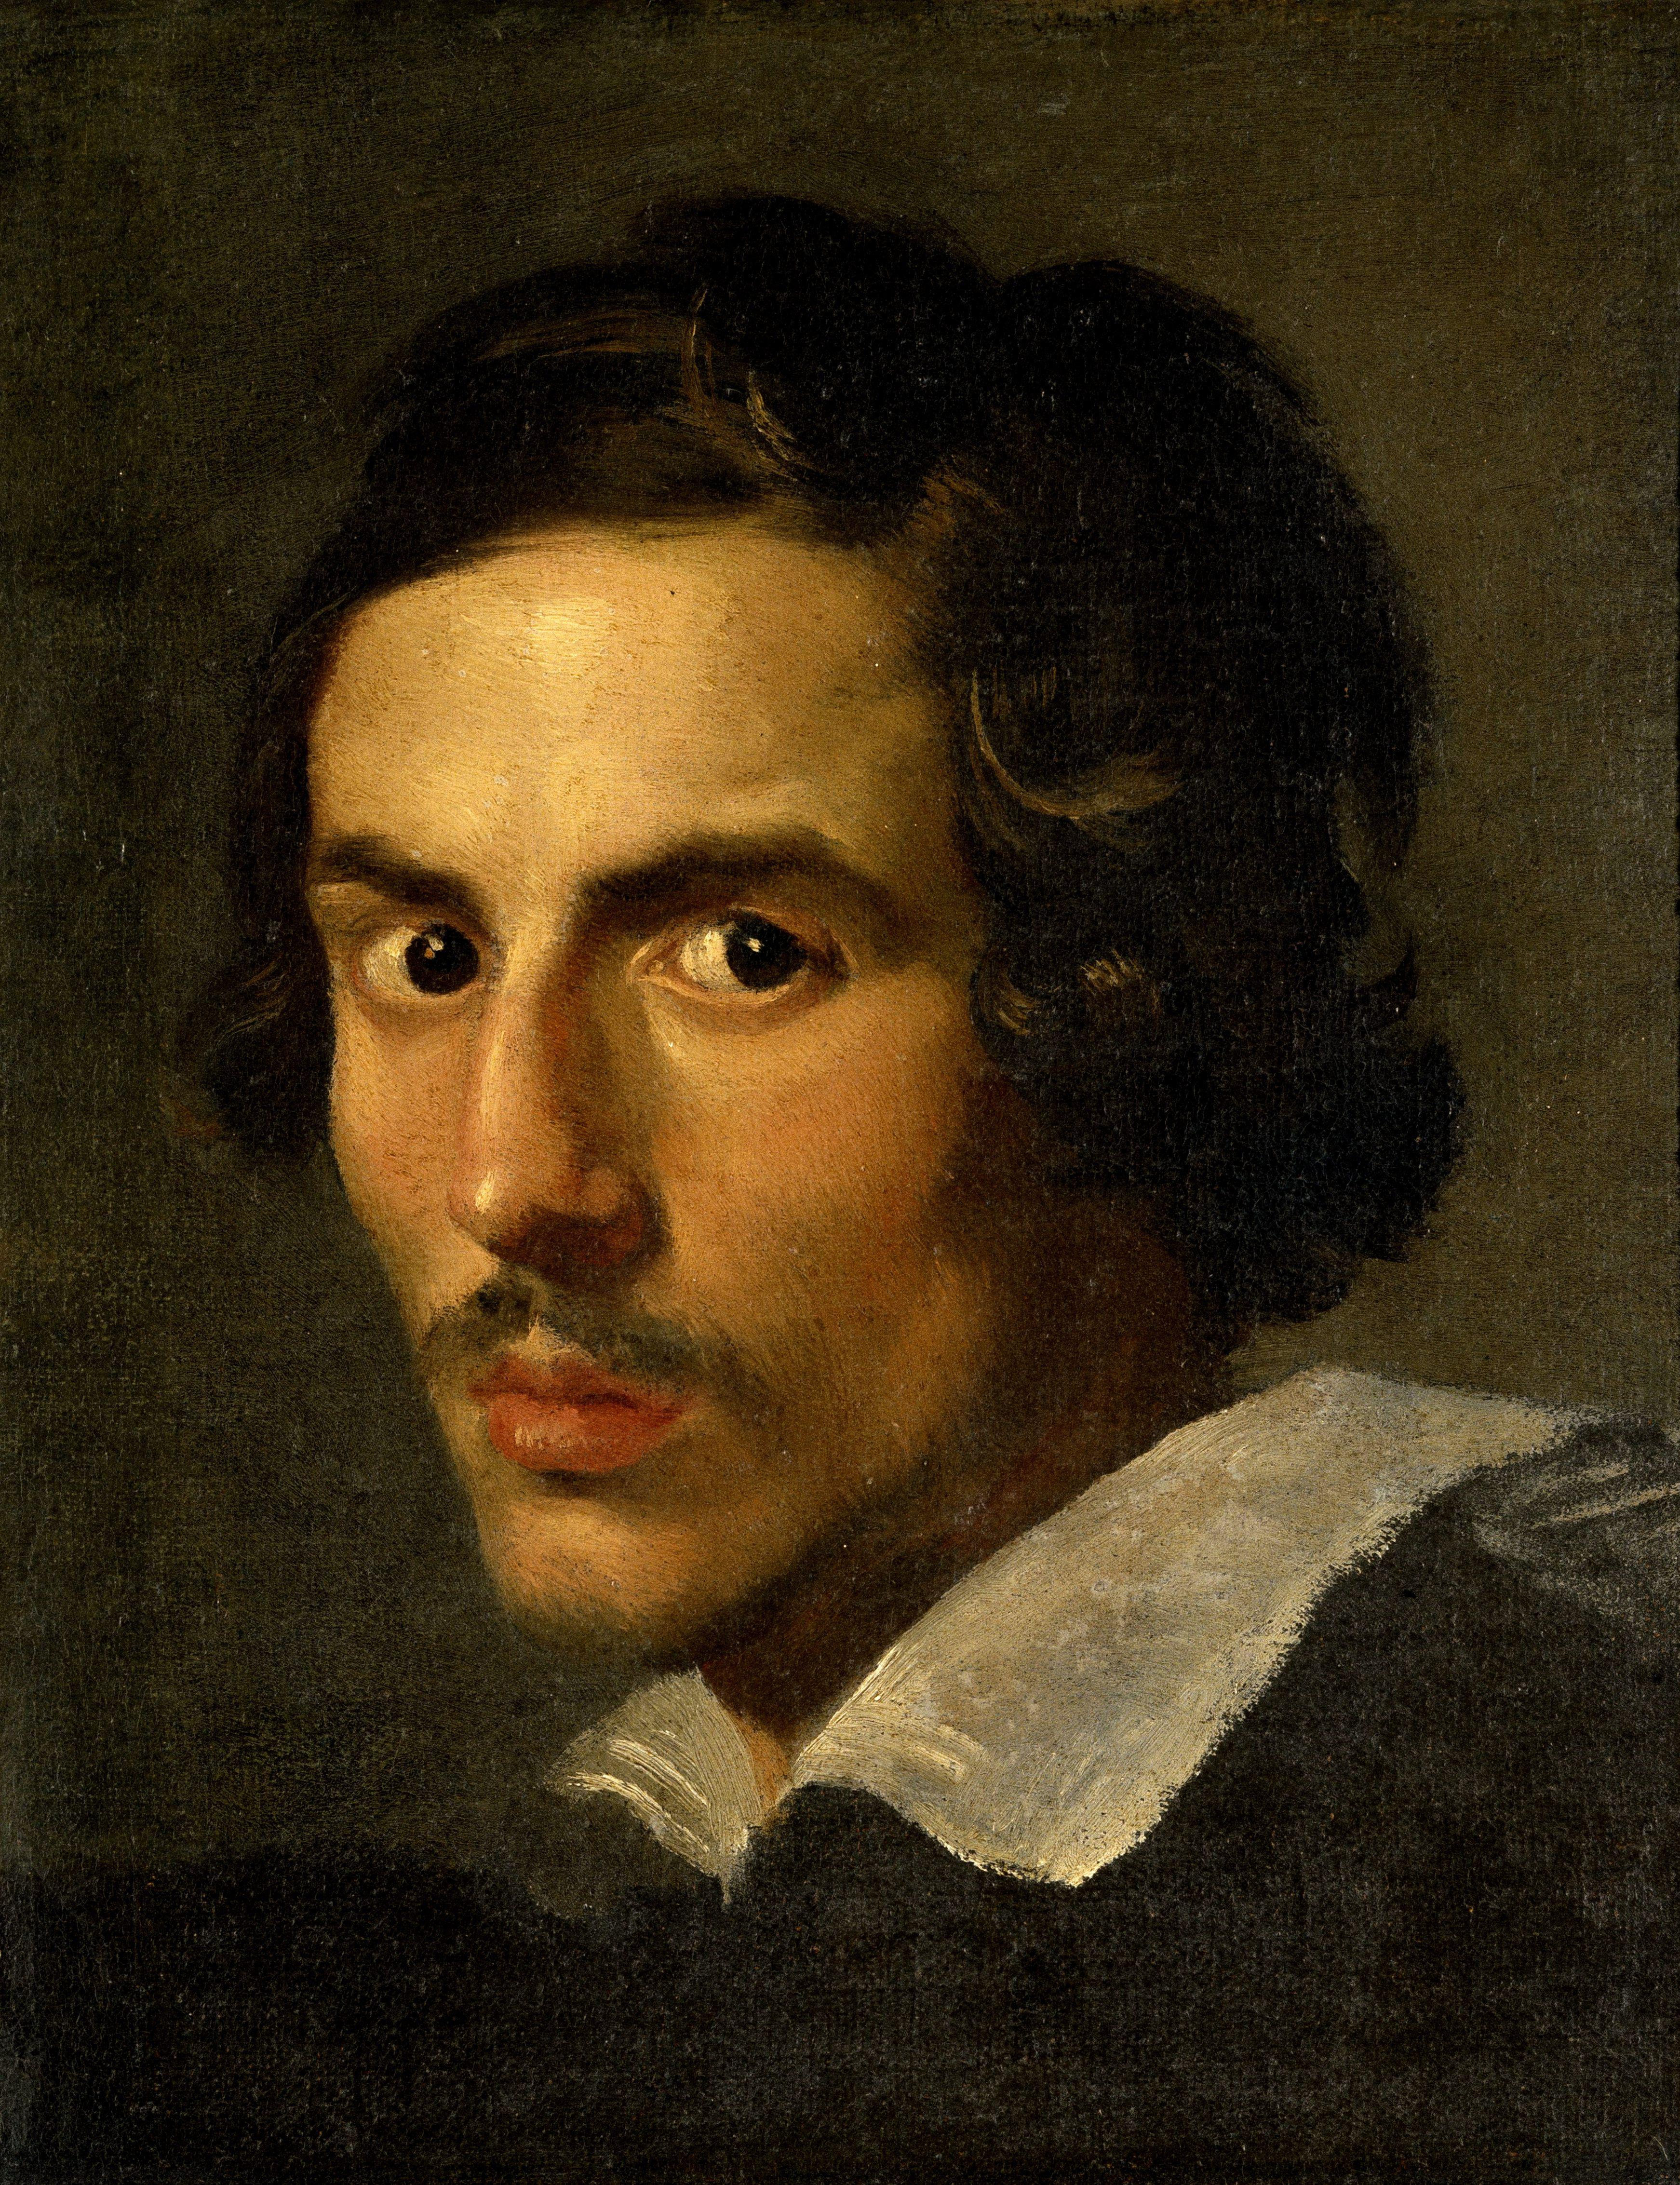 Gian Lorenzo Bernini, nato a Napoli il 7 dicembre del 1598, è stato uno scultore, architetto e pittore italiano.